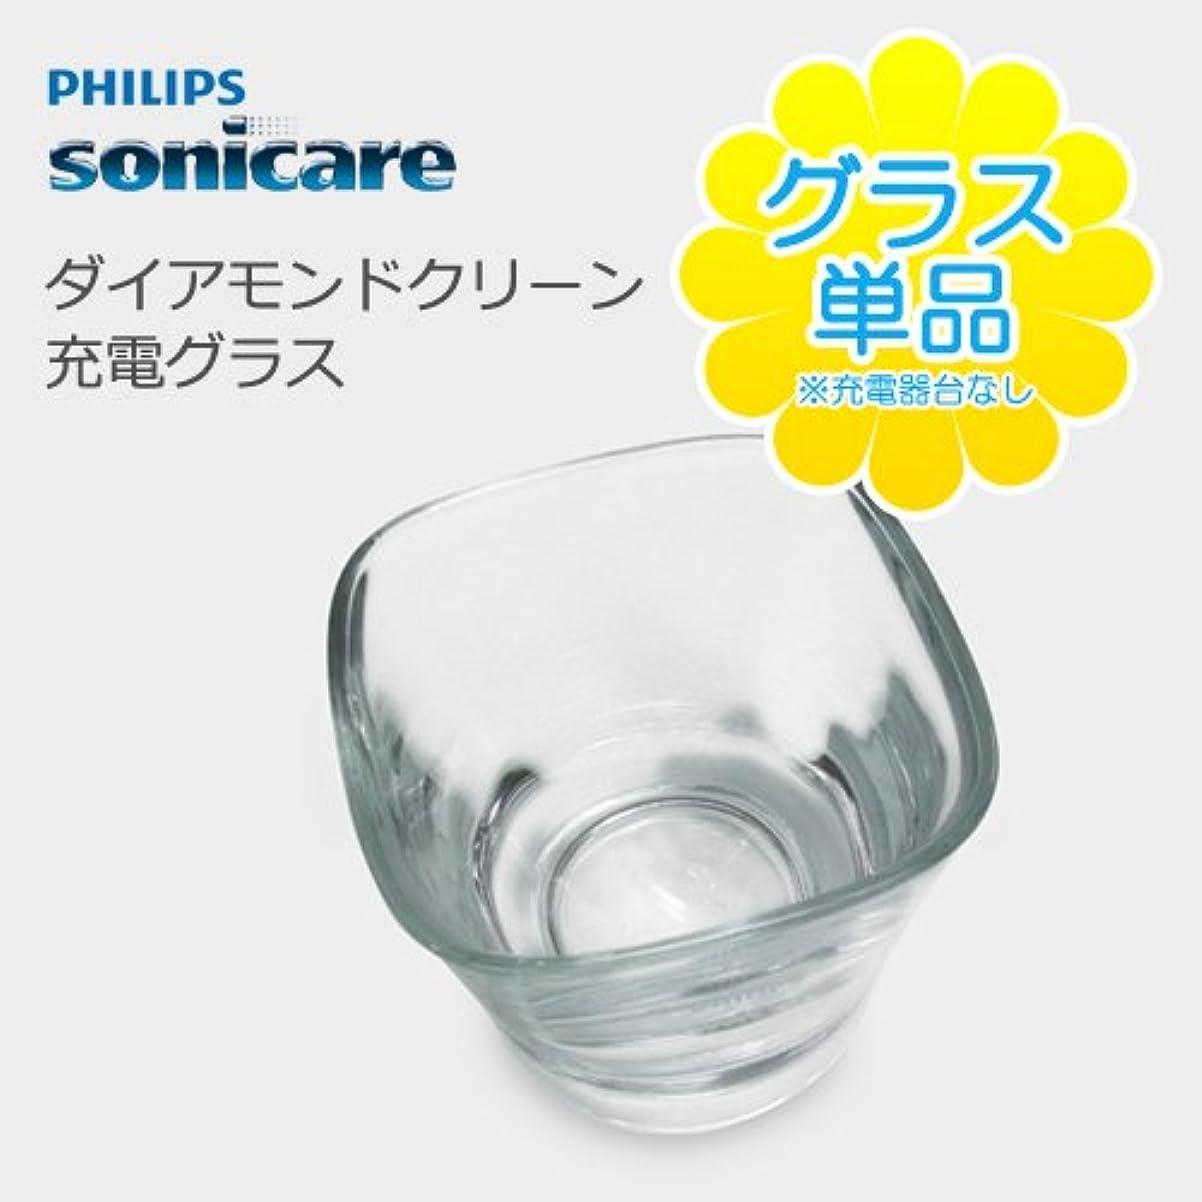 通訳炎上邪悪なPHILIPS sonicare DiamondClean 充電グラス(単品) ソニッケアーダイヤモンドクリーンをお持ちの方におすすめ!充電グラスのみの販売です HX9303/04 HX9353/54 HX9333/04...